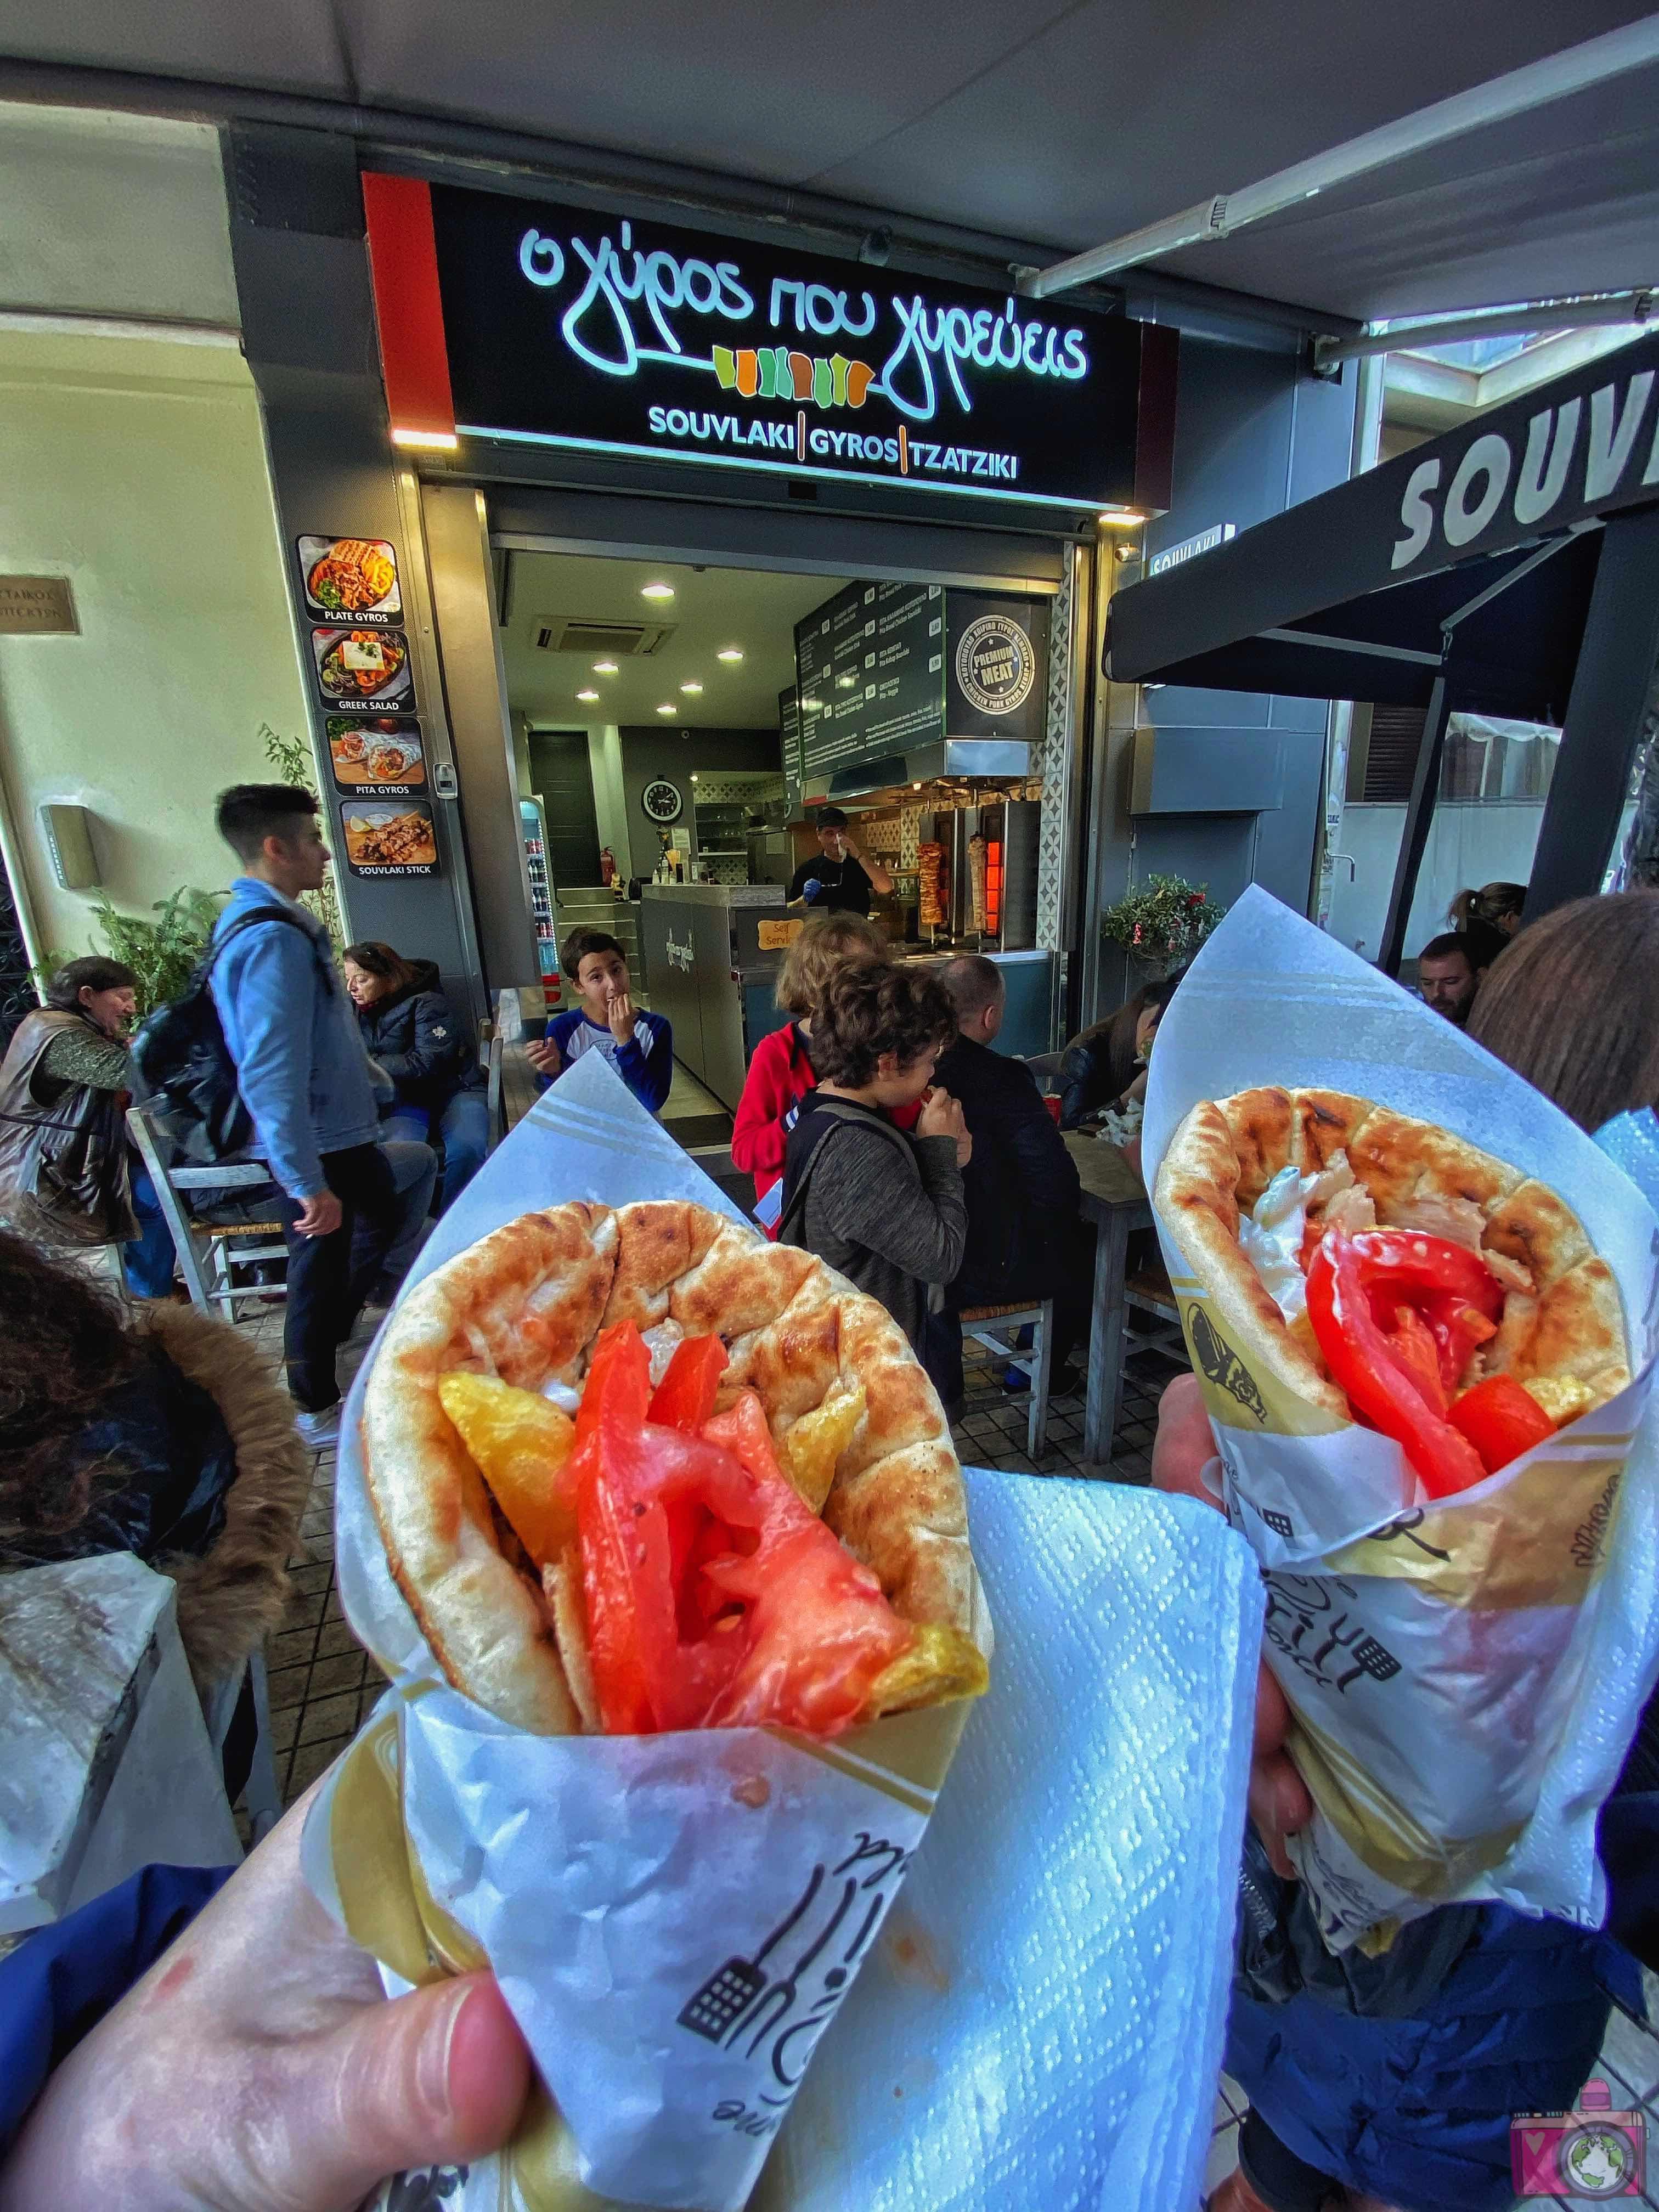 Dove mangiare ad Atene O Gyros pou Girevis